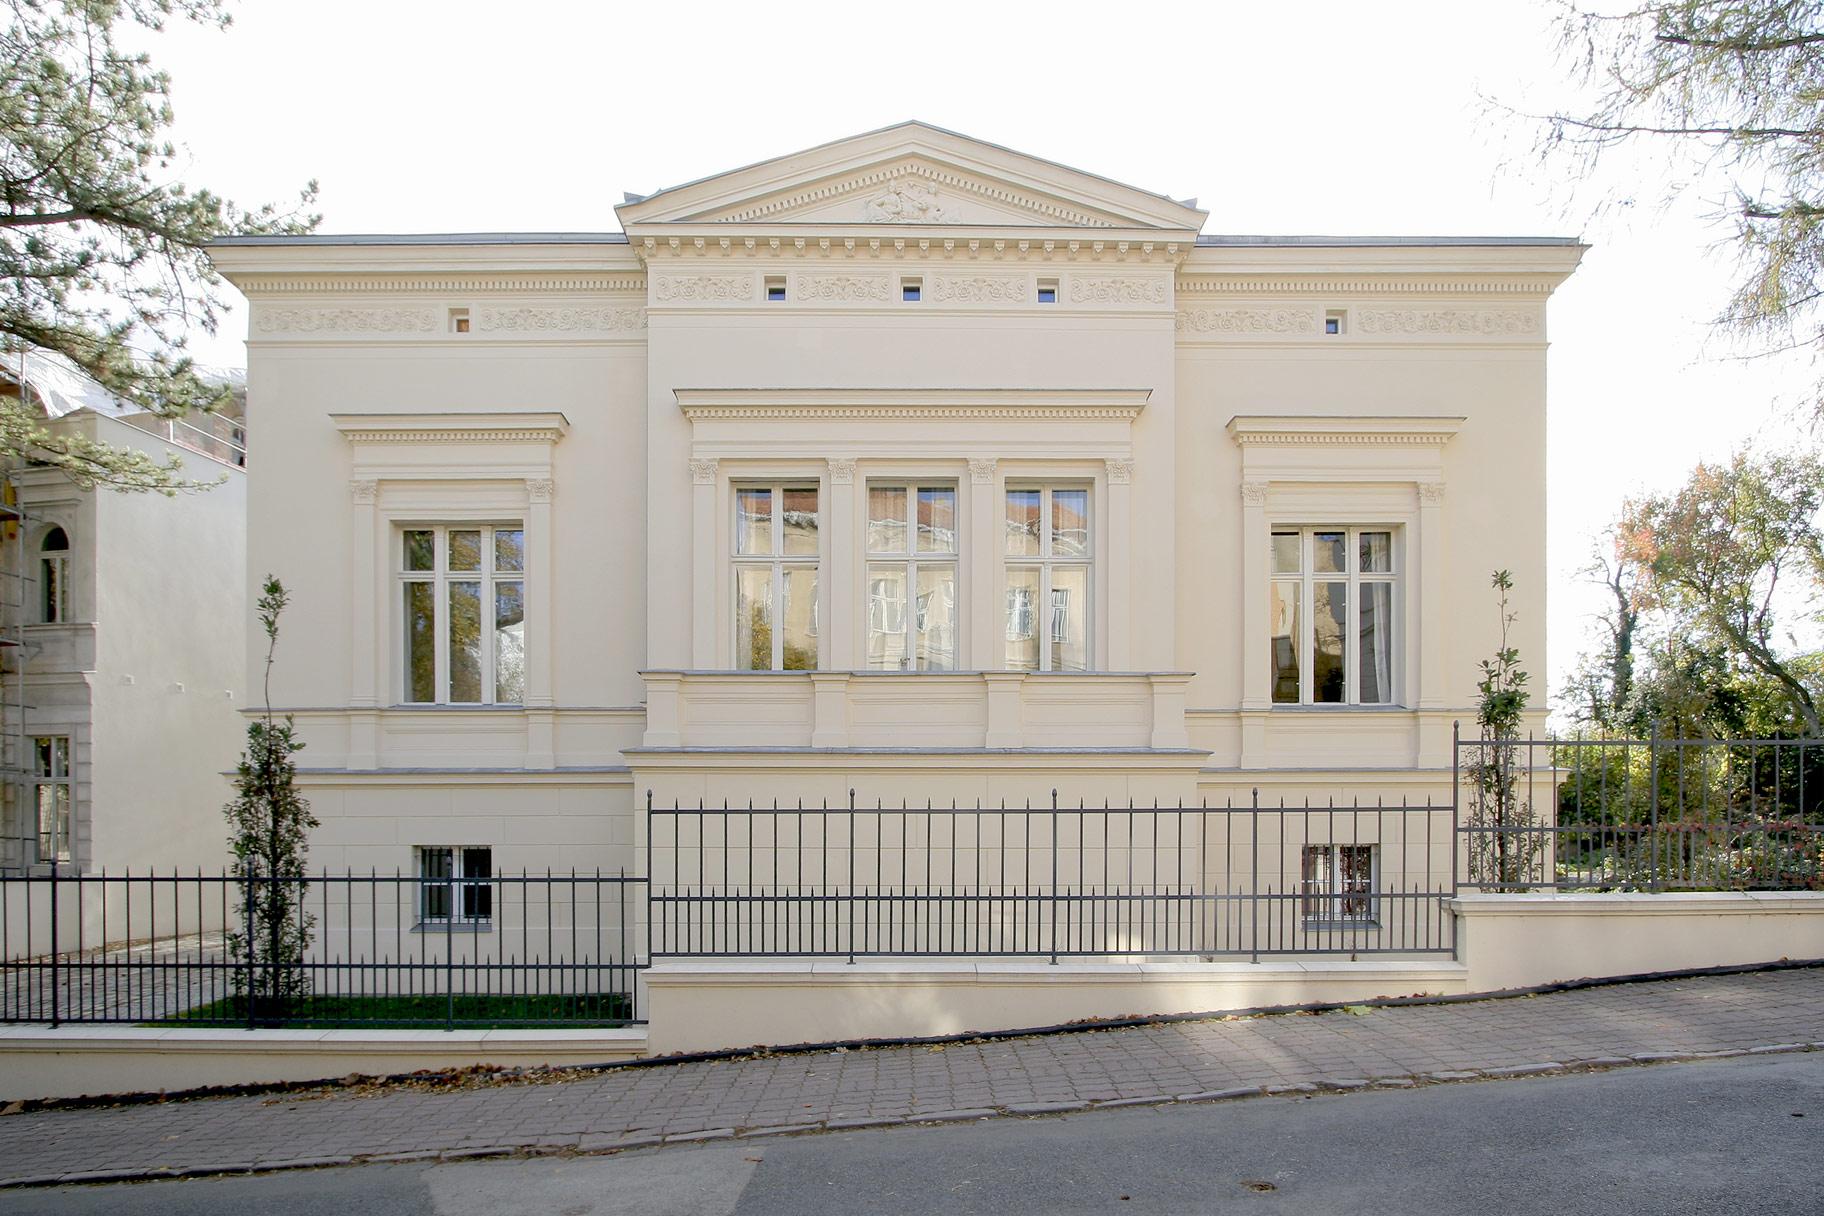 Umbau einer klassizistischen Villa eines Schülers von Persius in Potsdam